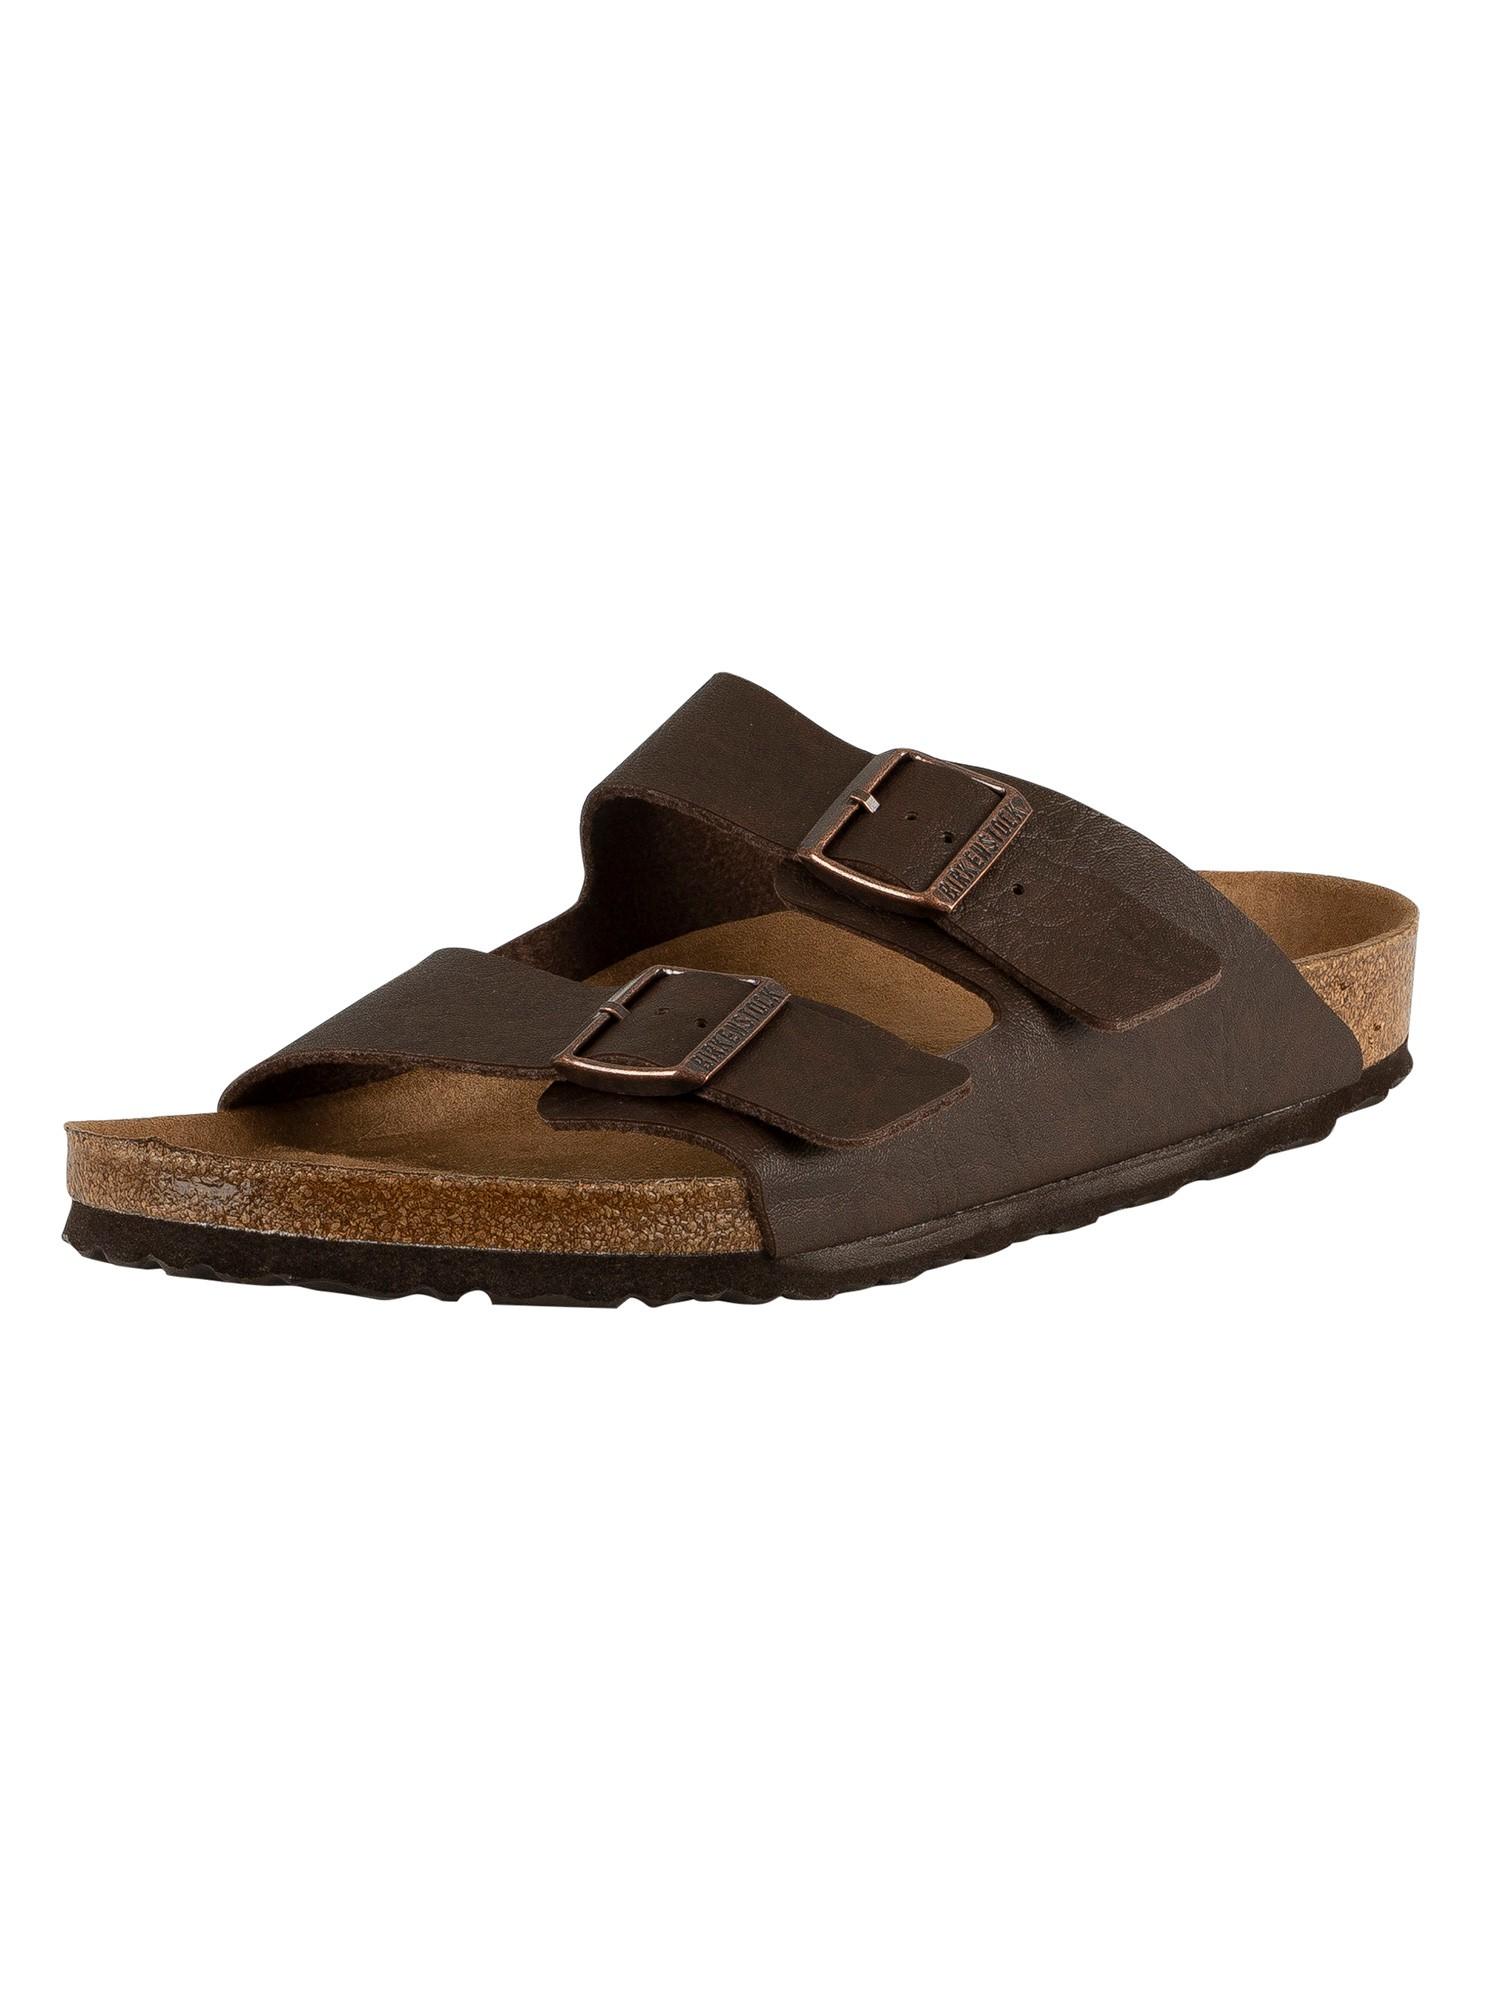 Birkenstock Mens Arizona BS Vegan Sandals, Brown   eBay